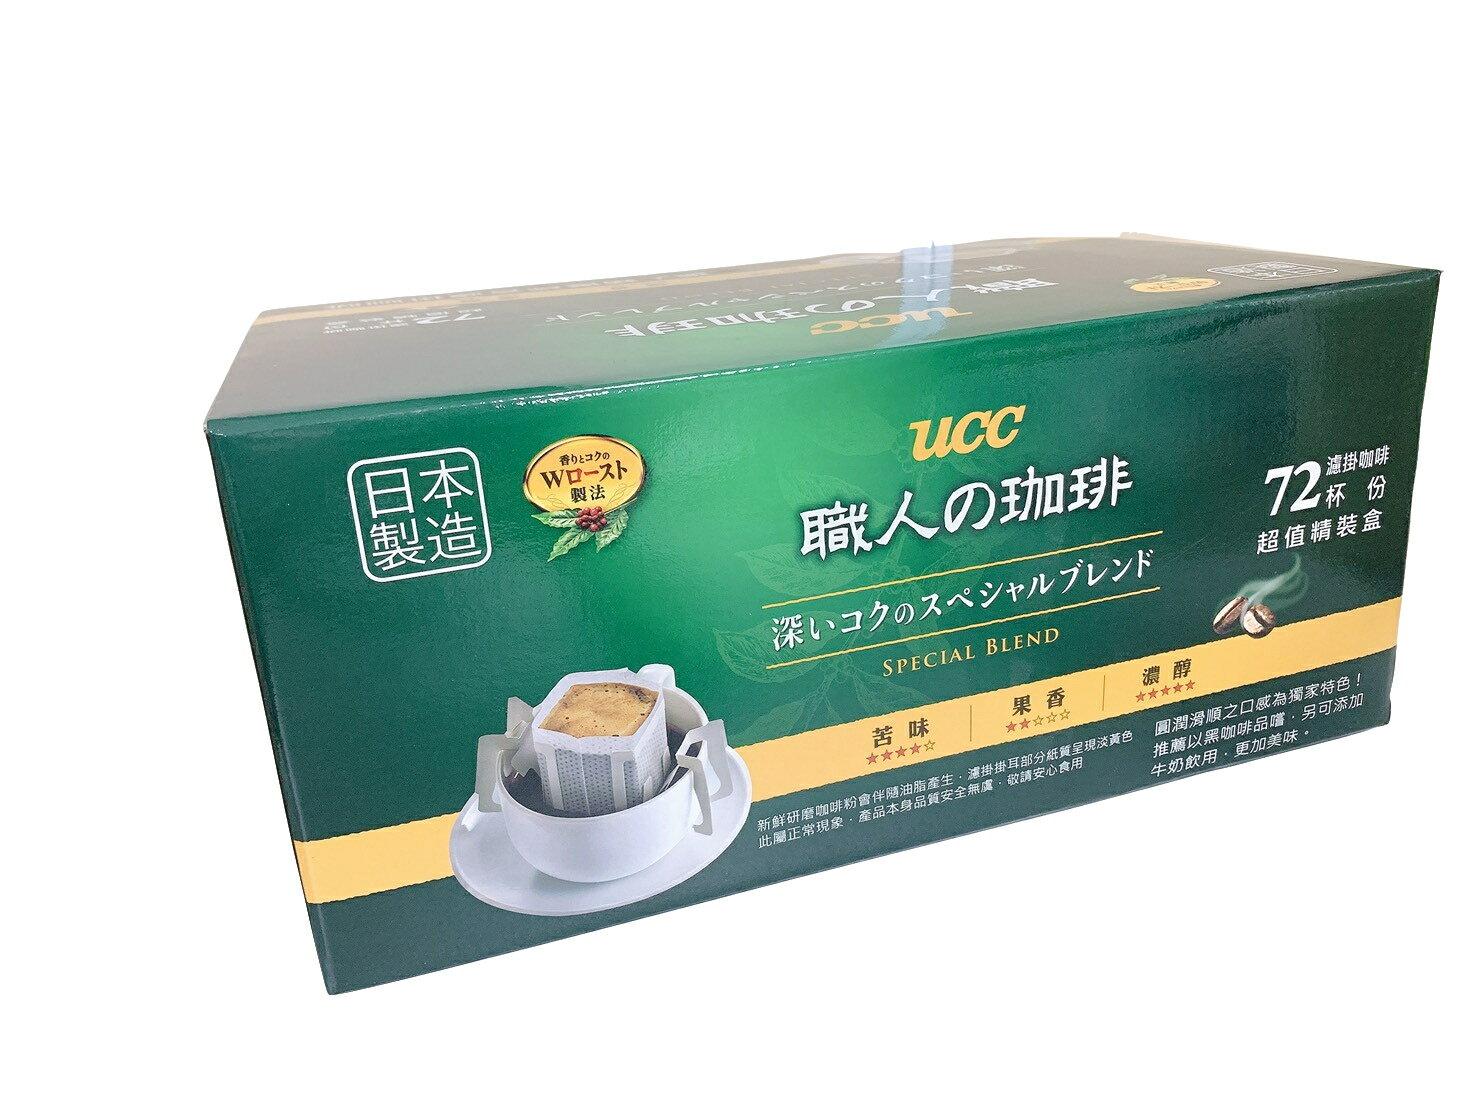 好市多 咖啡 UCC 職人の珈琲 濾掛咖啡 超值精裝盒 沖泡 7公克 72包 超取限四盒